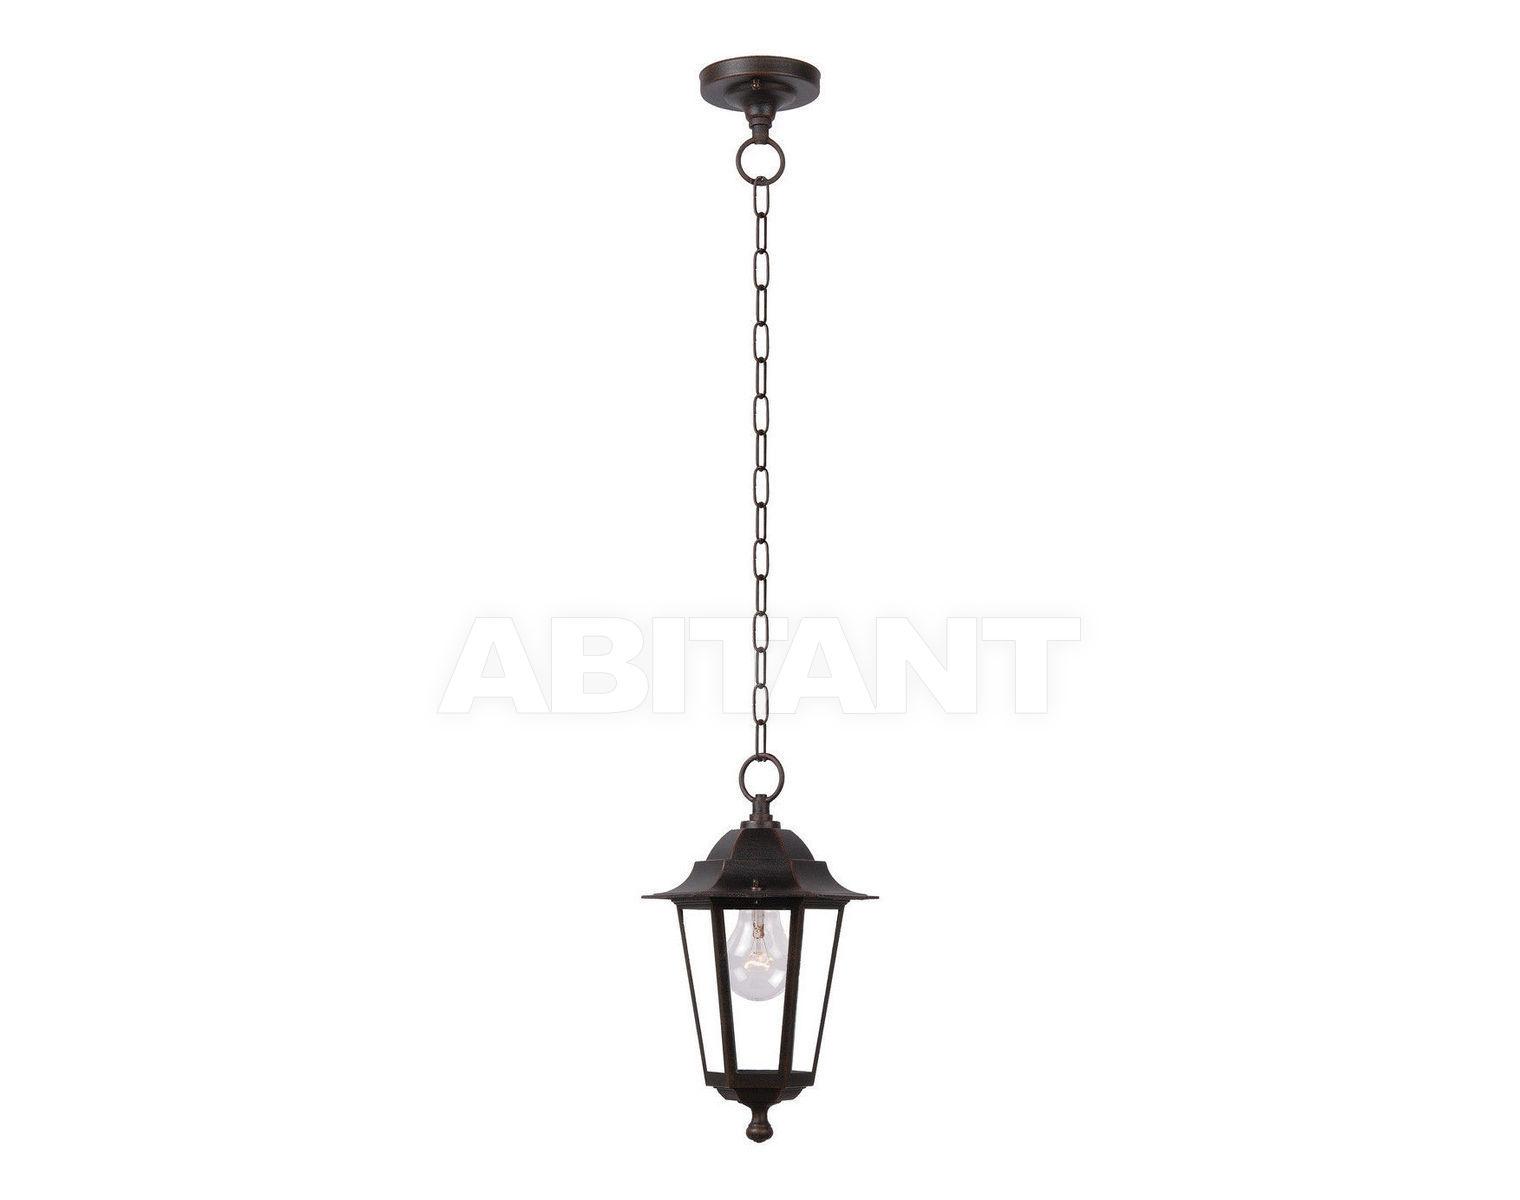 Купить Подвесной фонарь Lucide  Outdoor 2013 27808/01/97